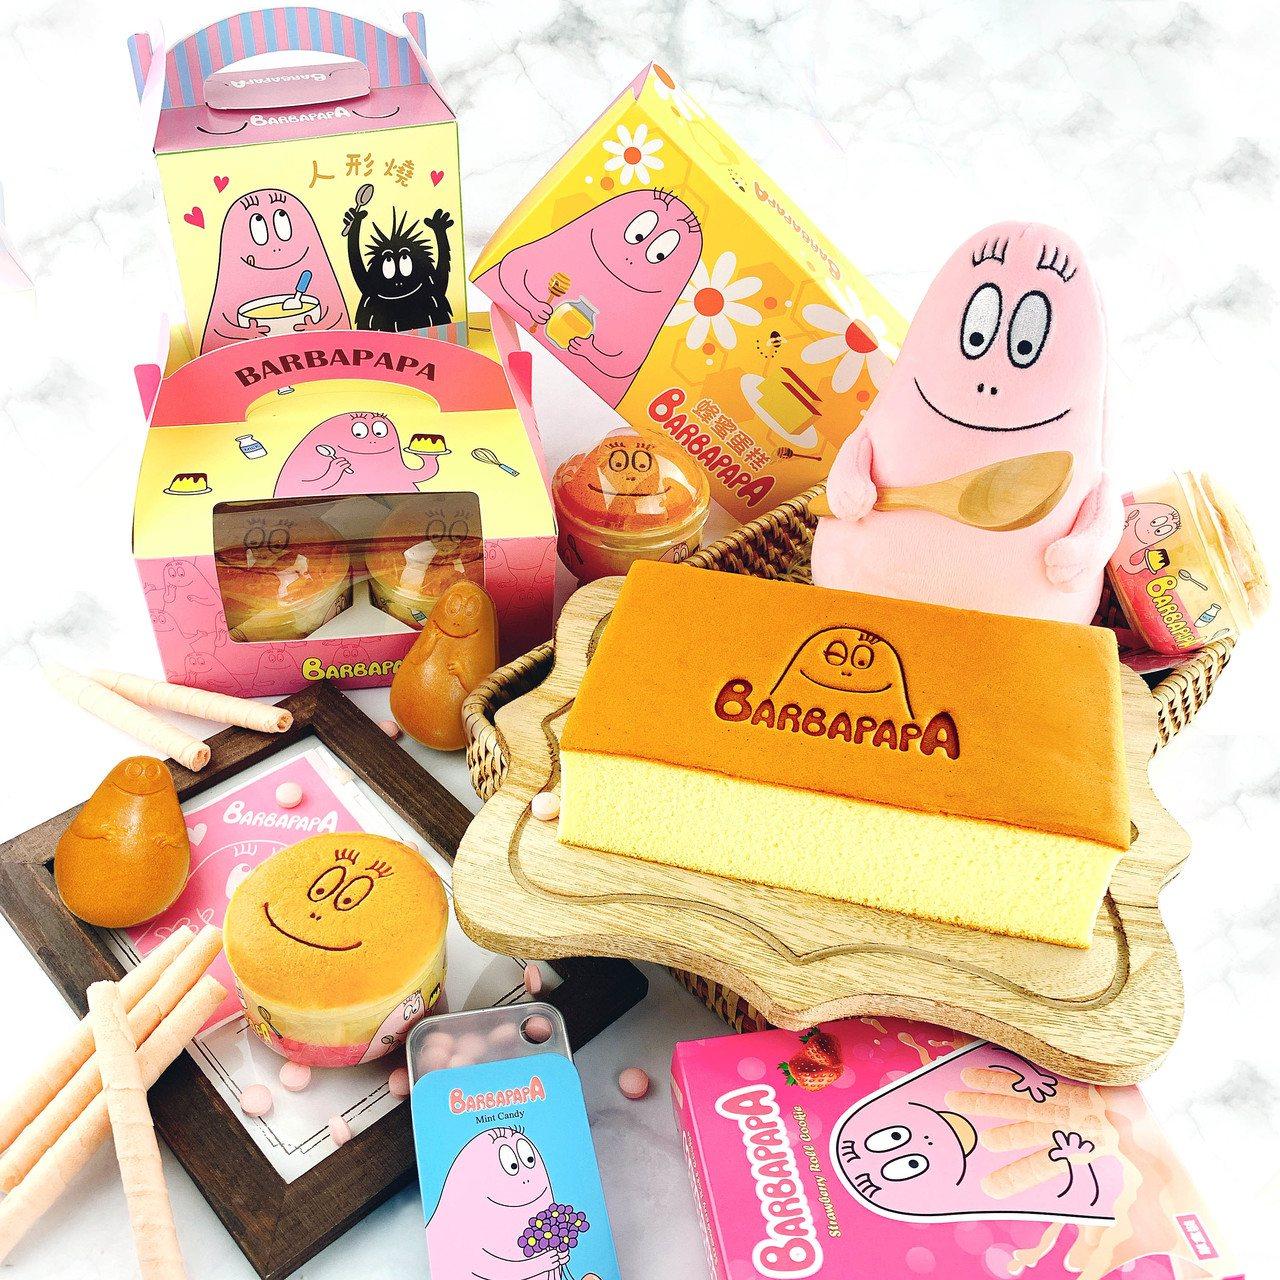 泡泡先生主題快閃店推出眾多系列商品。圖/雅蒙蒂文創烘焙禮品提供